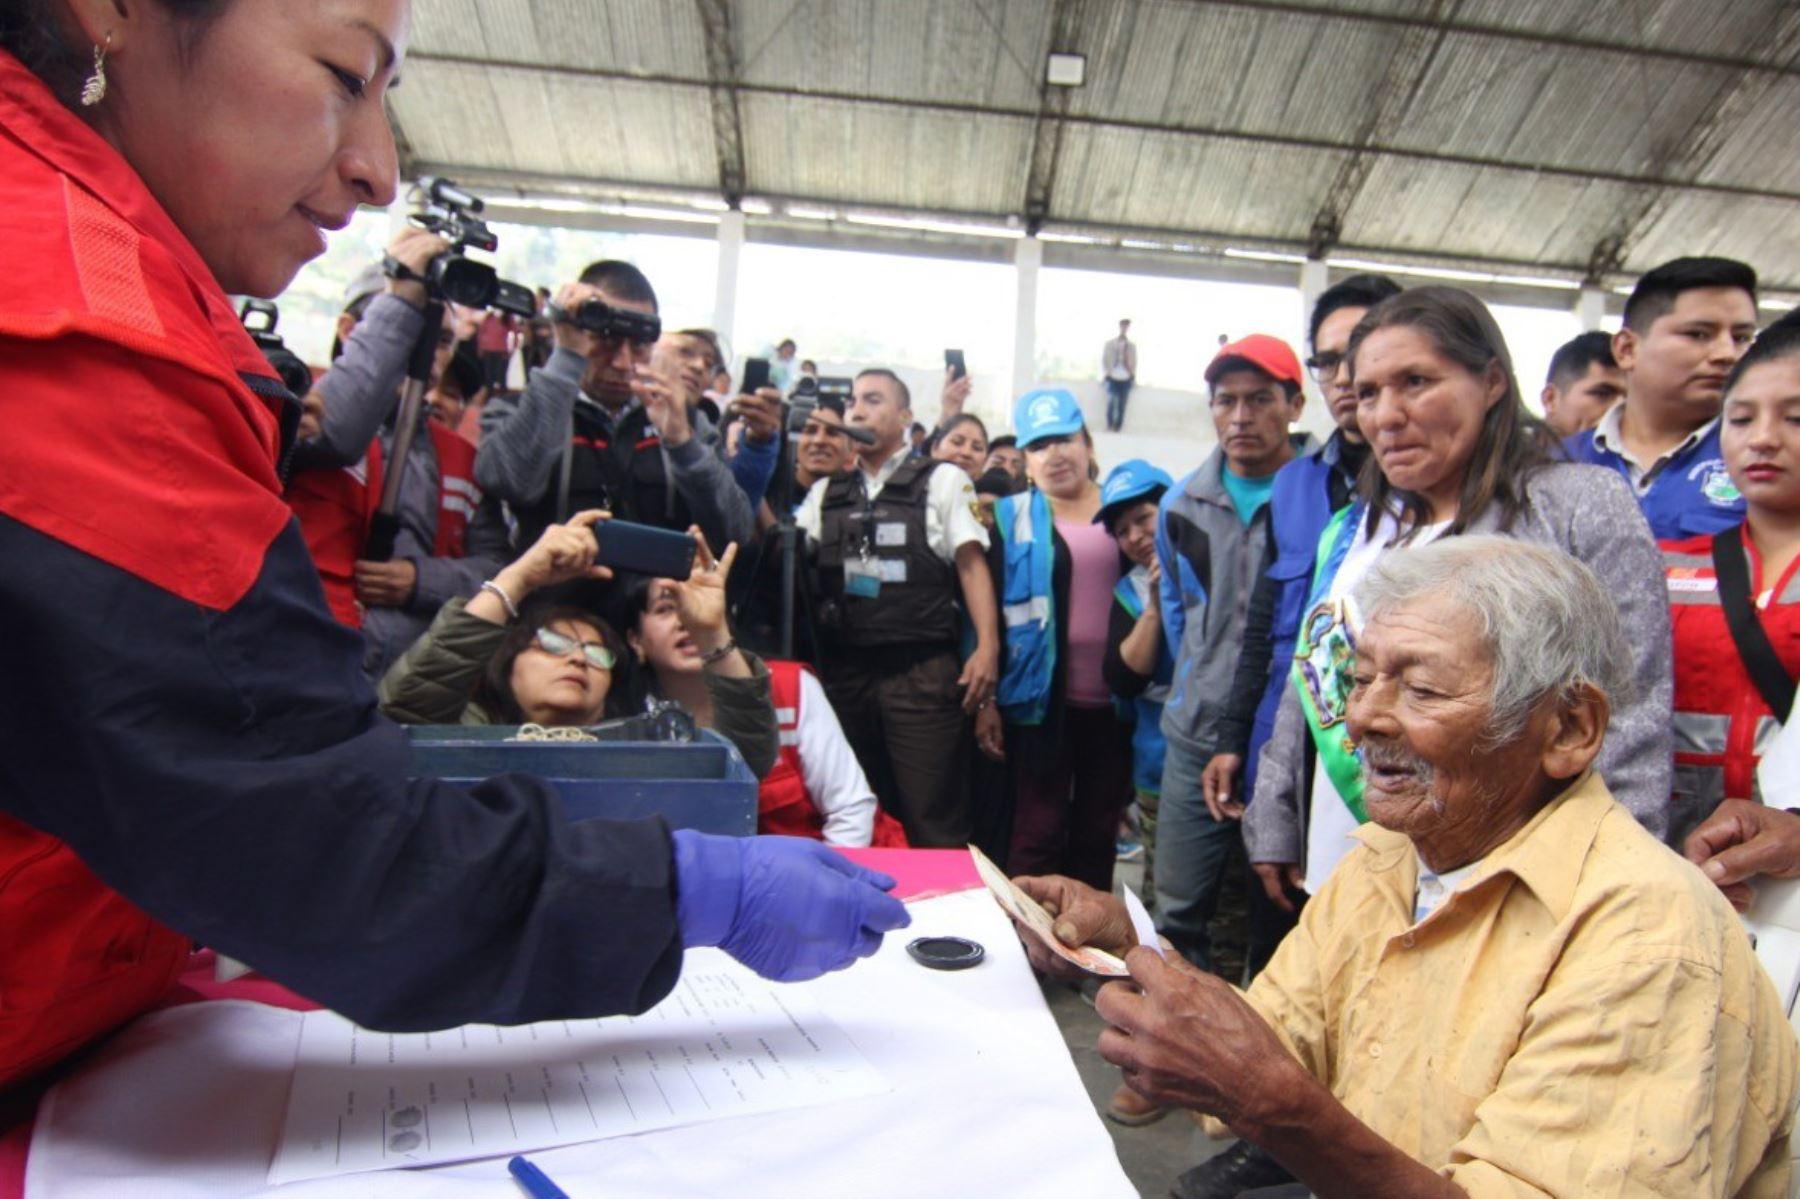 Marcelino Abad Tolentino de 119 años de edad recibió por primera vez la subvención que brinda el Estado por ser usuario del Programa Pensión 65